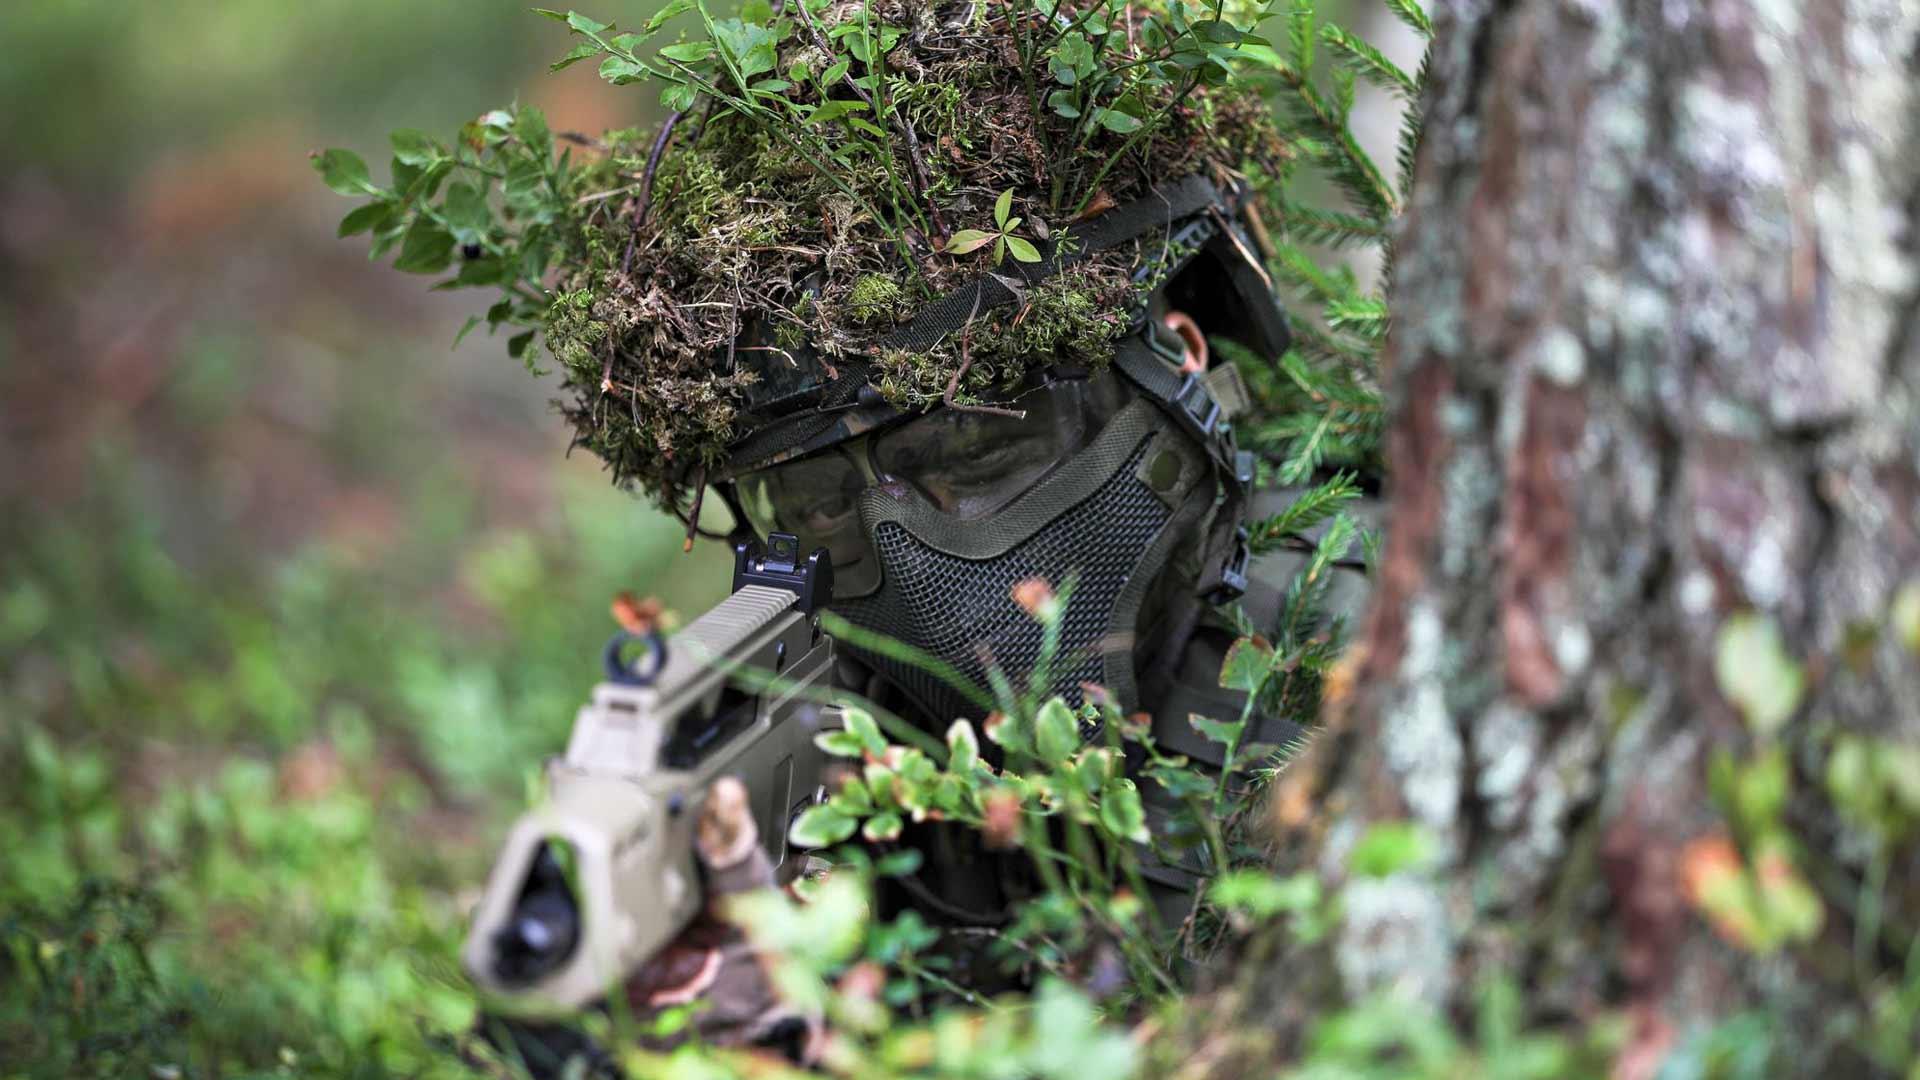 Ammattikoulujen ja lukioiden maanpuolustuskoulutus huipentuu vuotuiseen kesäleiriin, jossa opiskelijat osallistuvat harjoituksiin maastossa ja ampumaradalla.